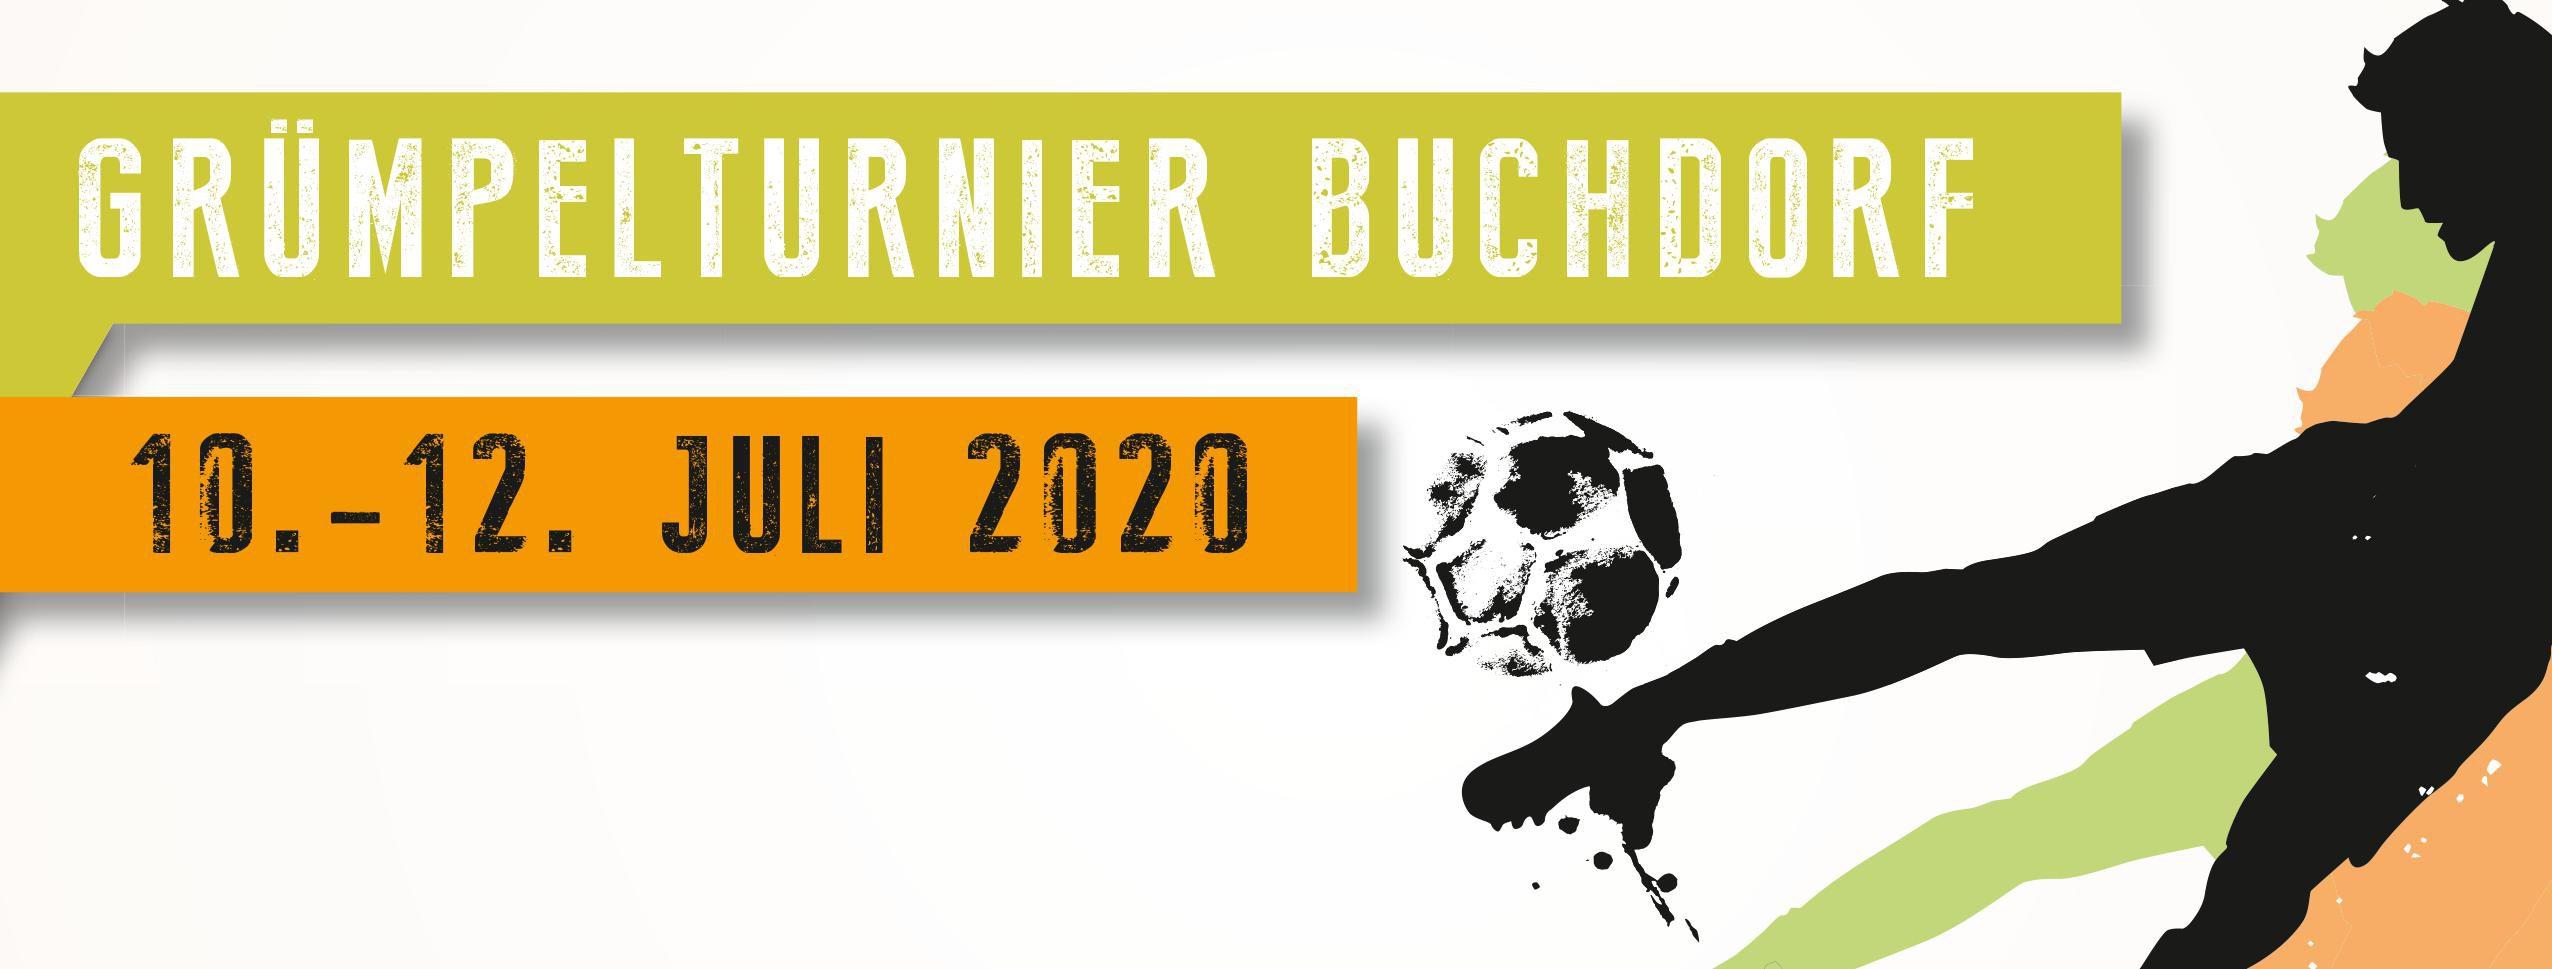 Grümpelturnier Buchdorf